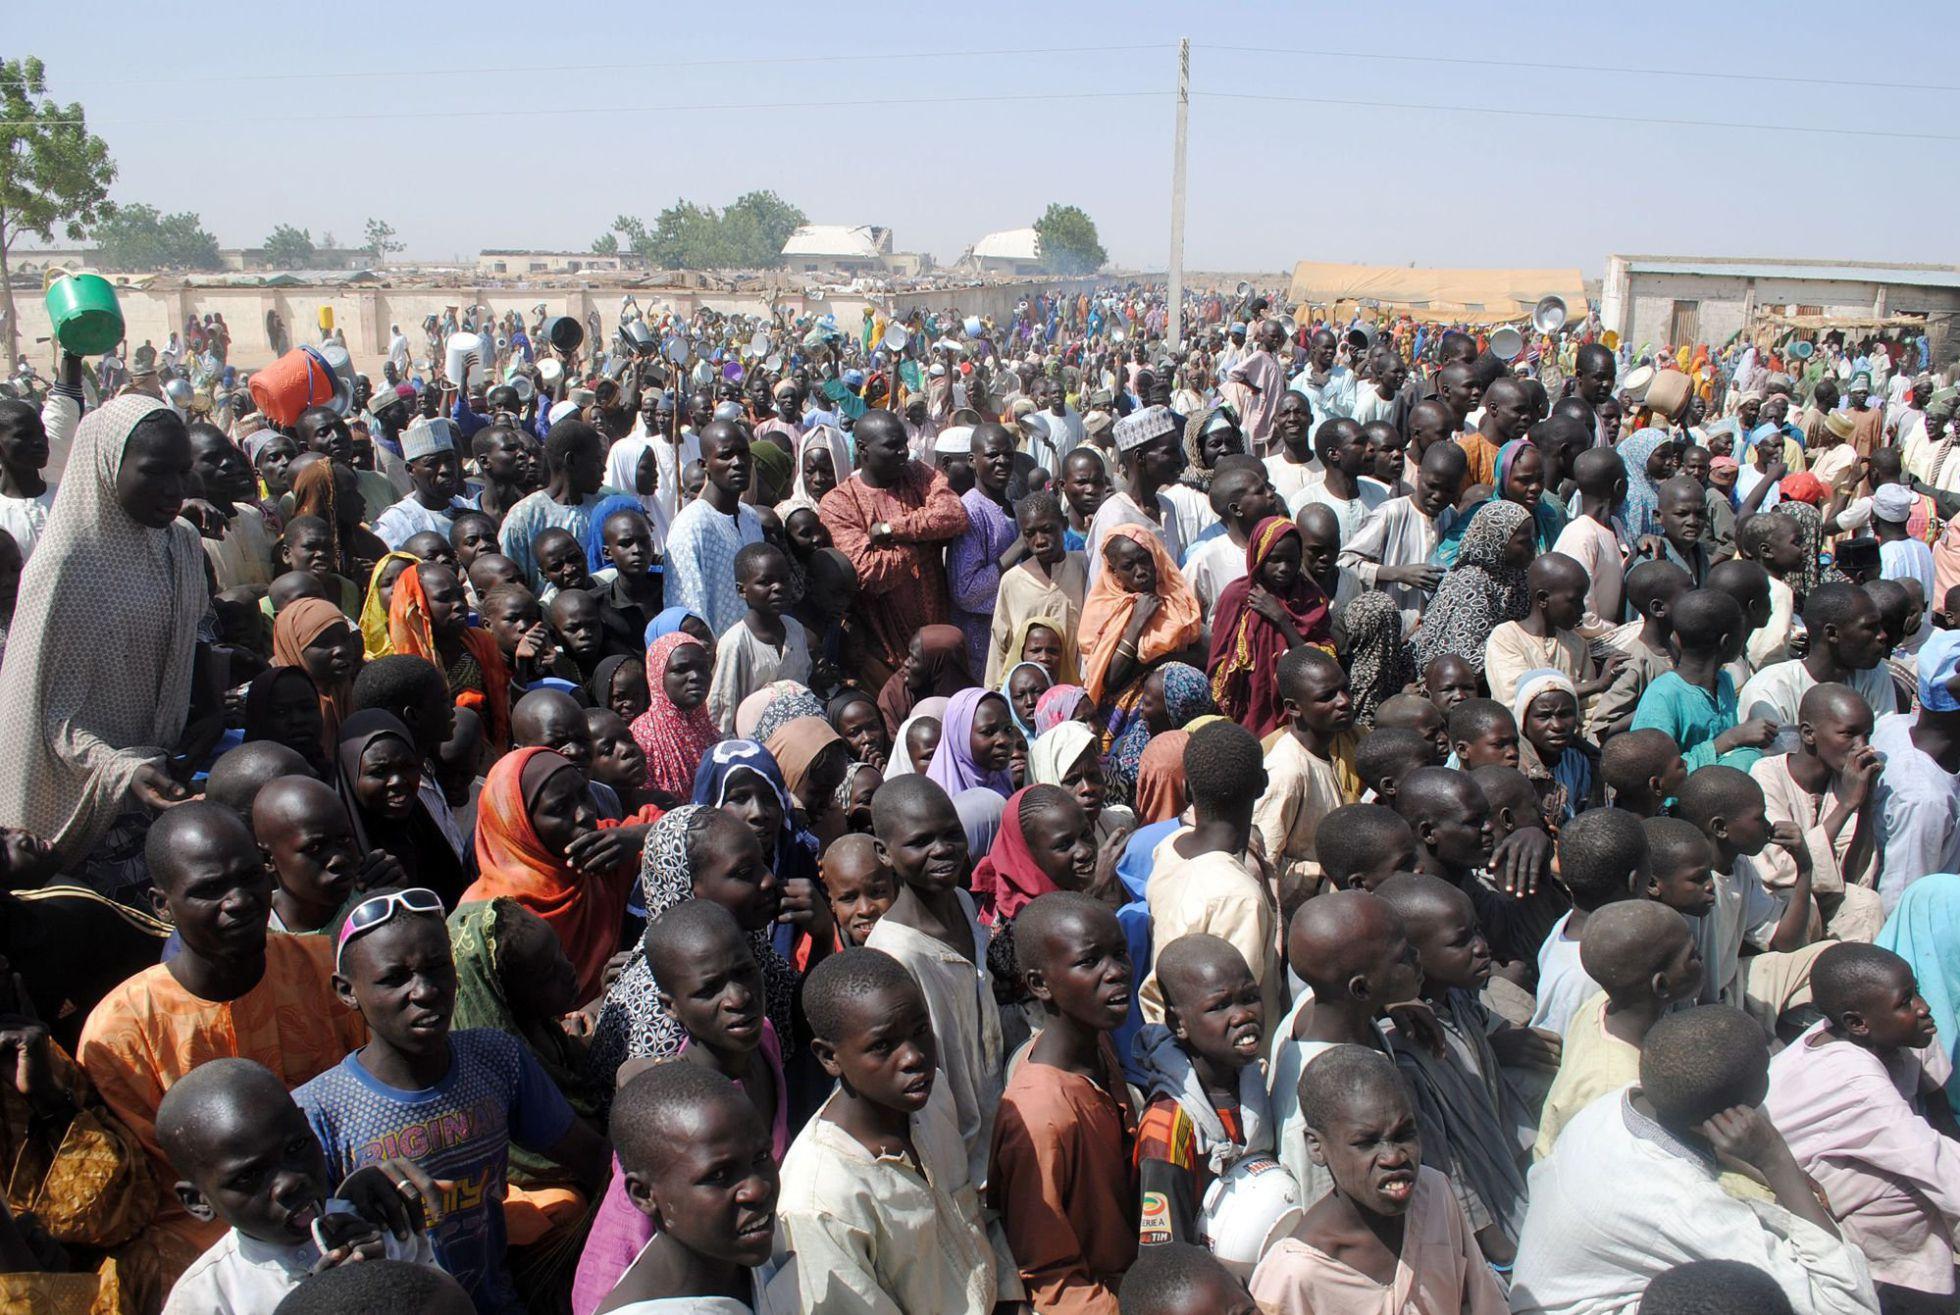 Nigeria: En los orígenes de la secta Boko Haram. - Página 6 1455131695_167839_1455133011_noticia_normal_recorte1